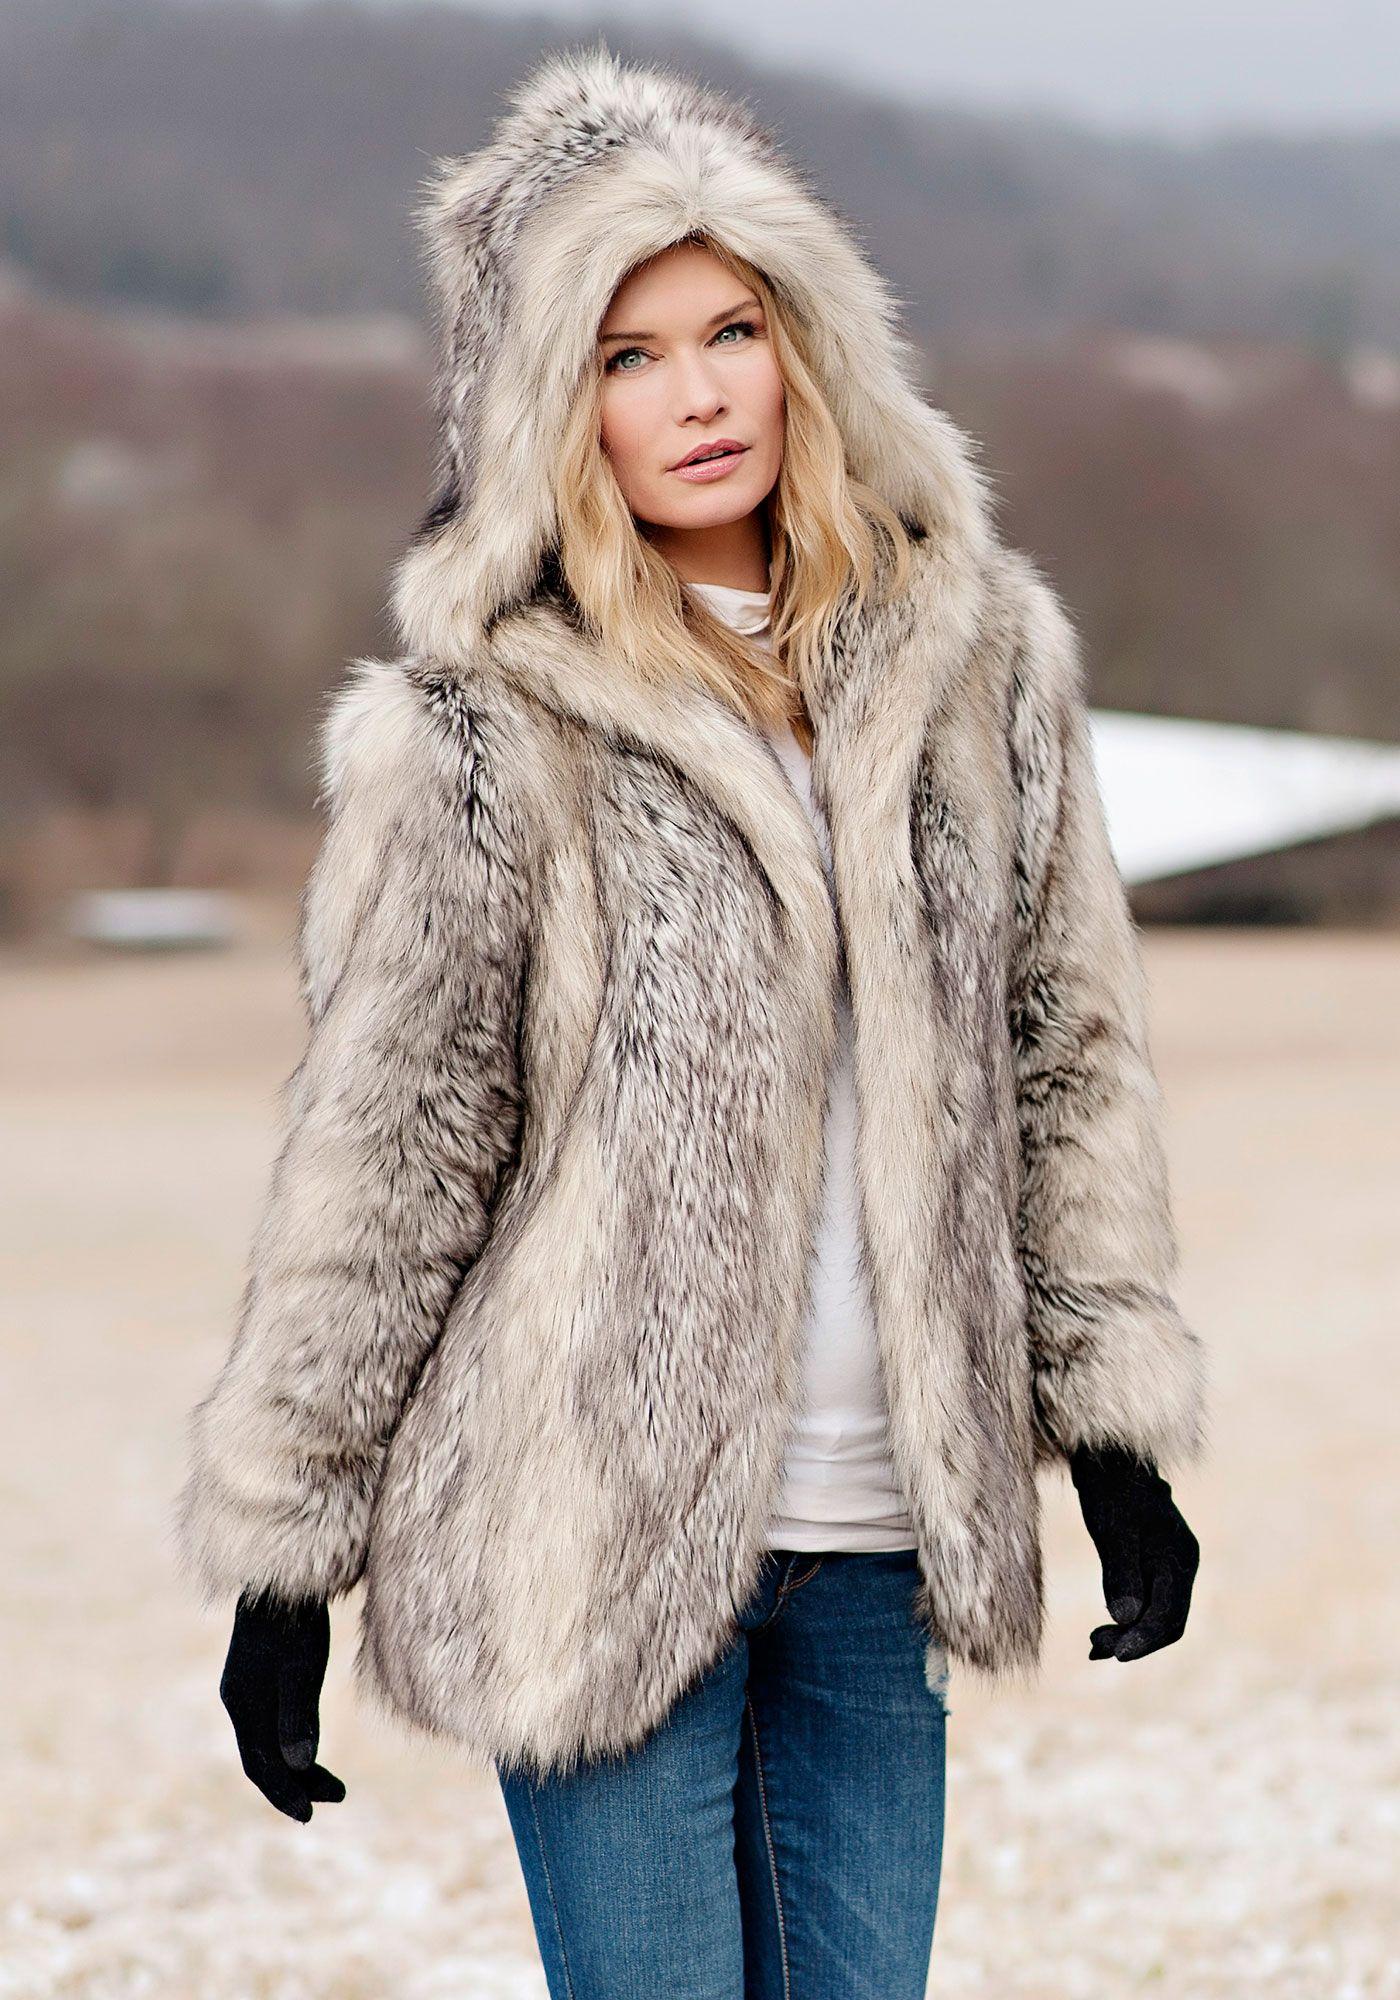 cc4bc6a38dc Grey Fox Hooded Faux Fur Jacket